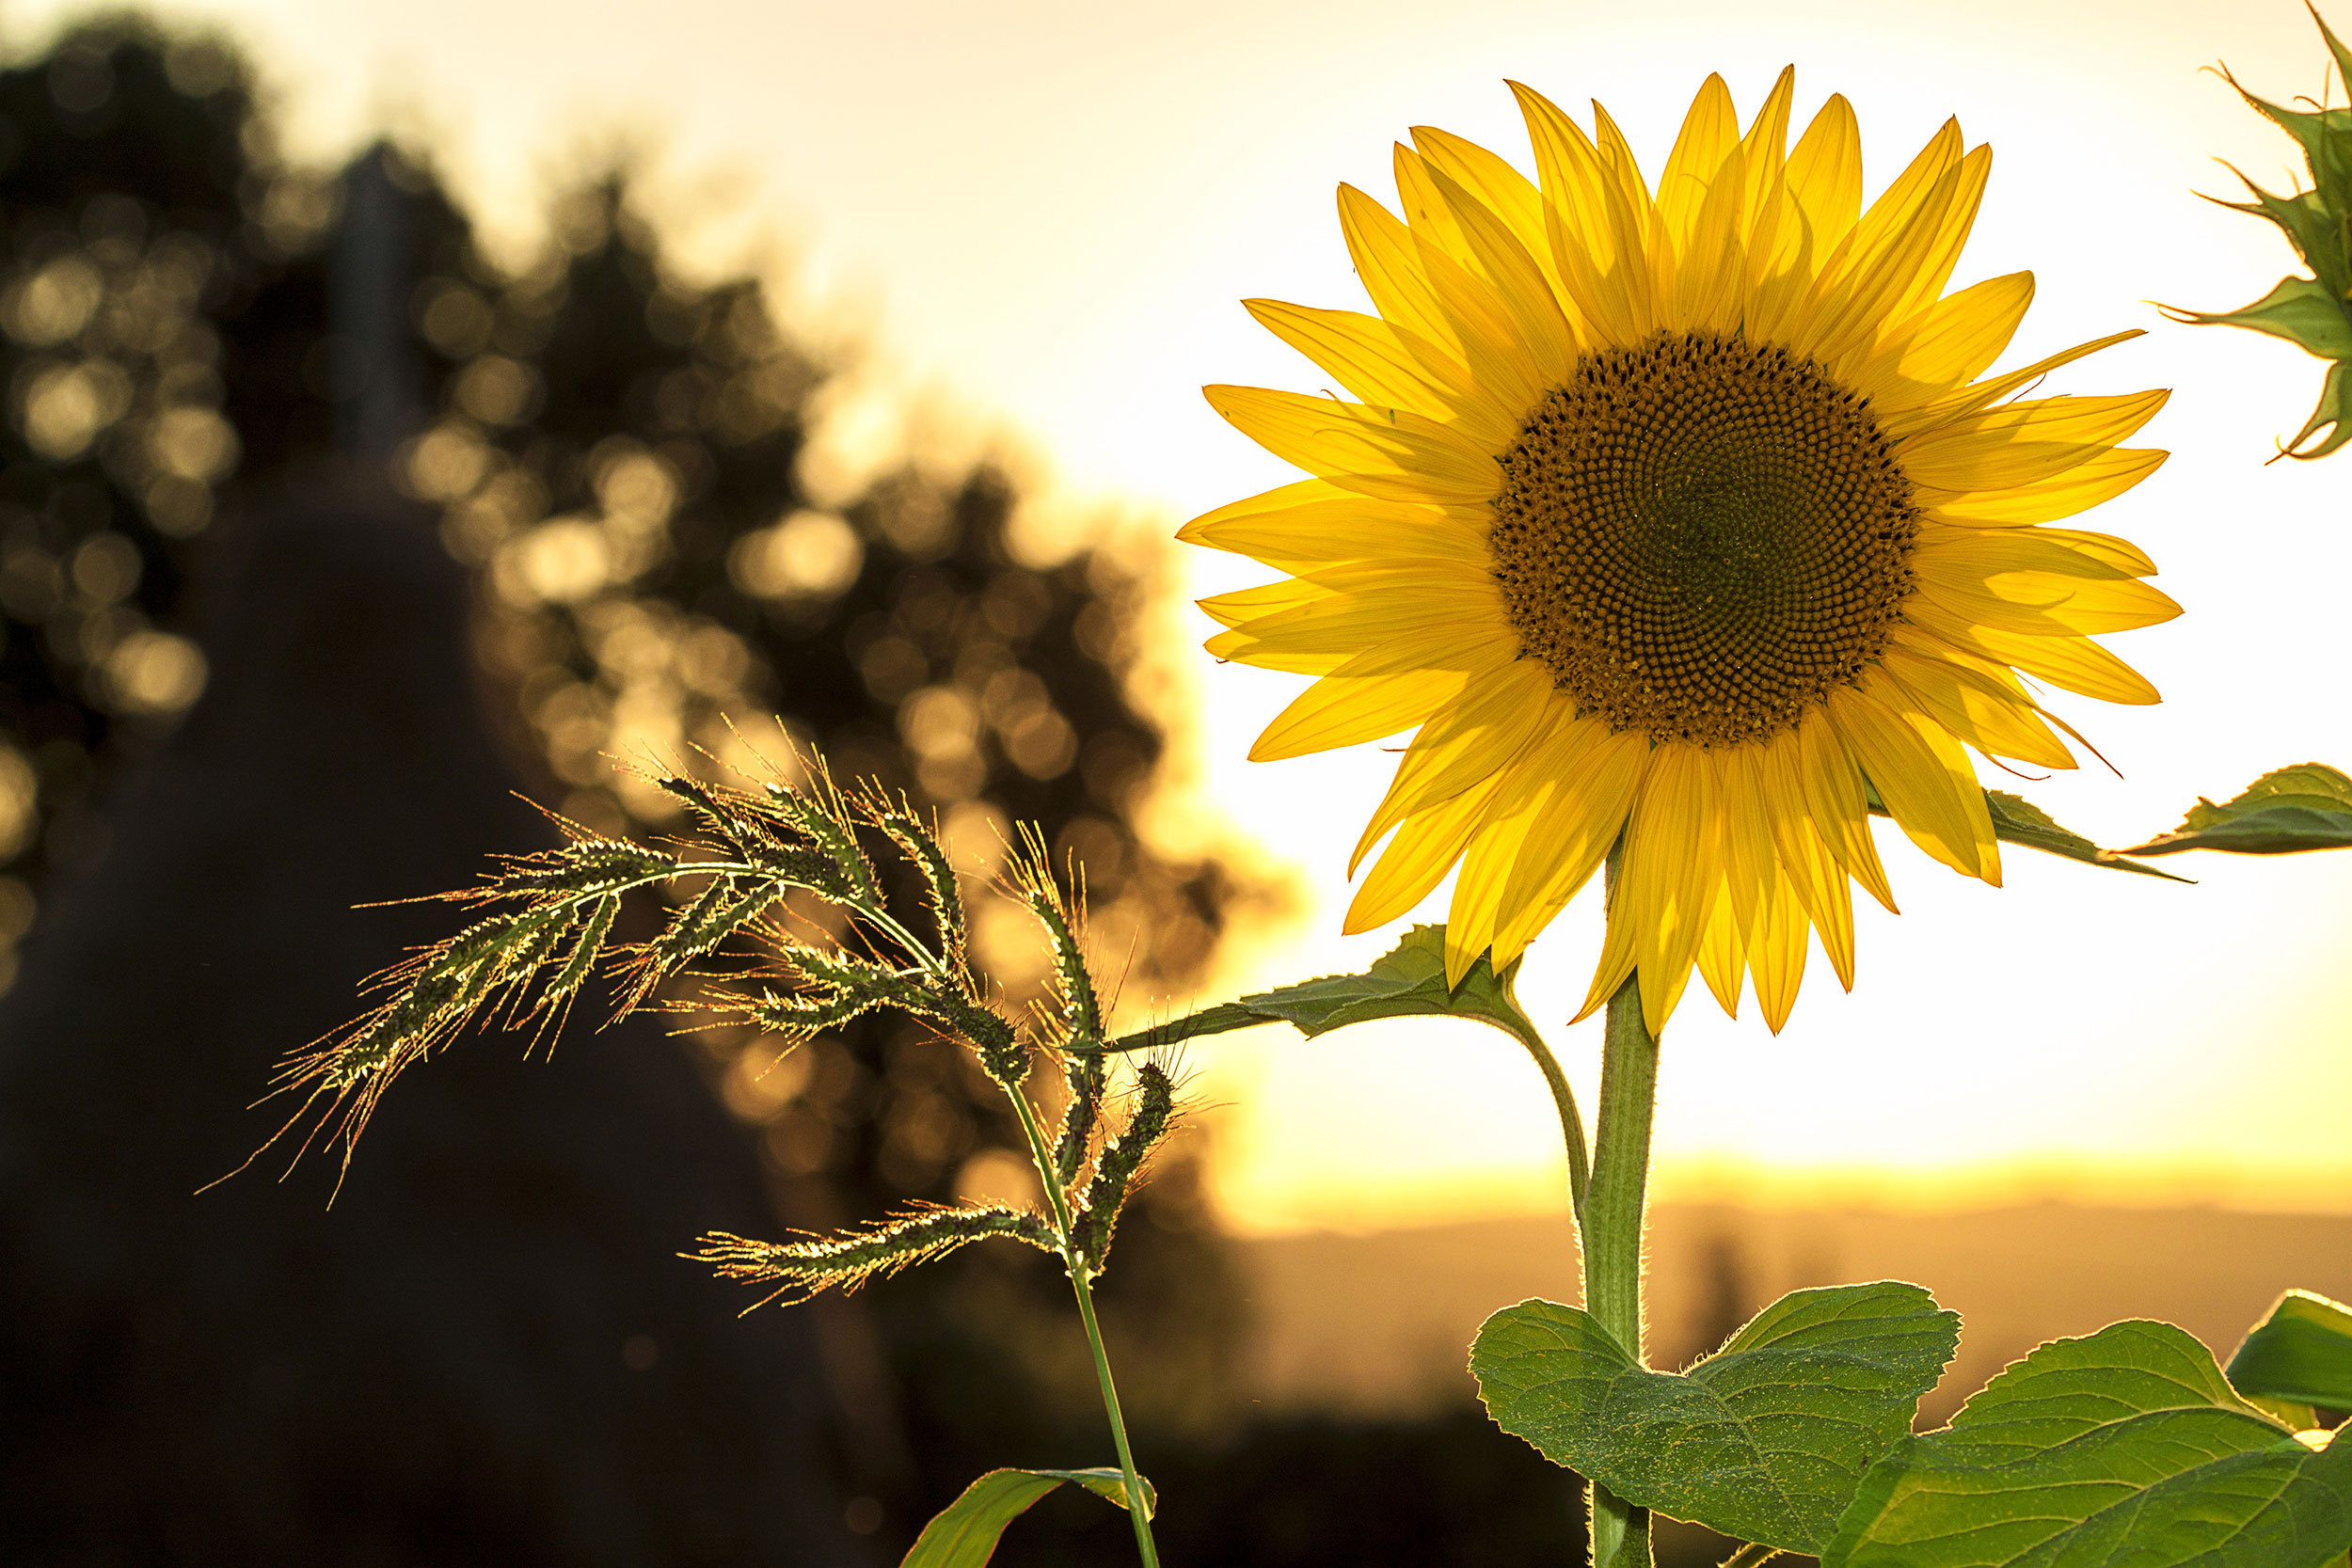 Pflanzen-der-Sonne-Sonnenblume